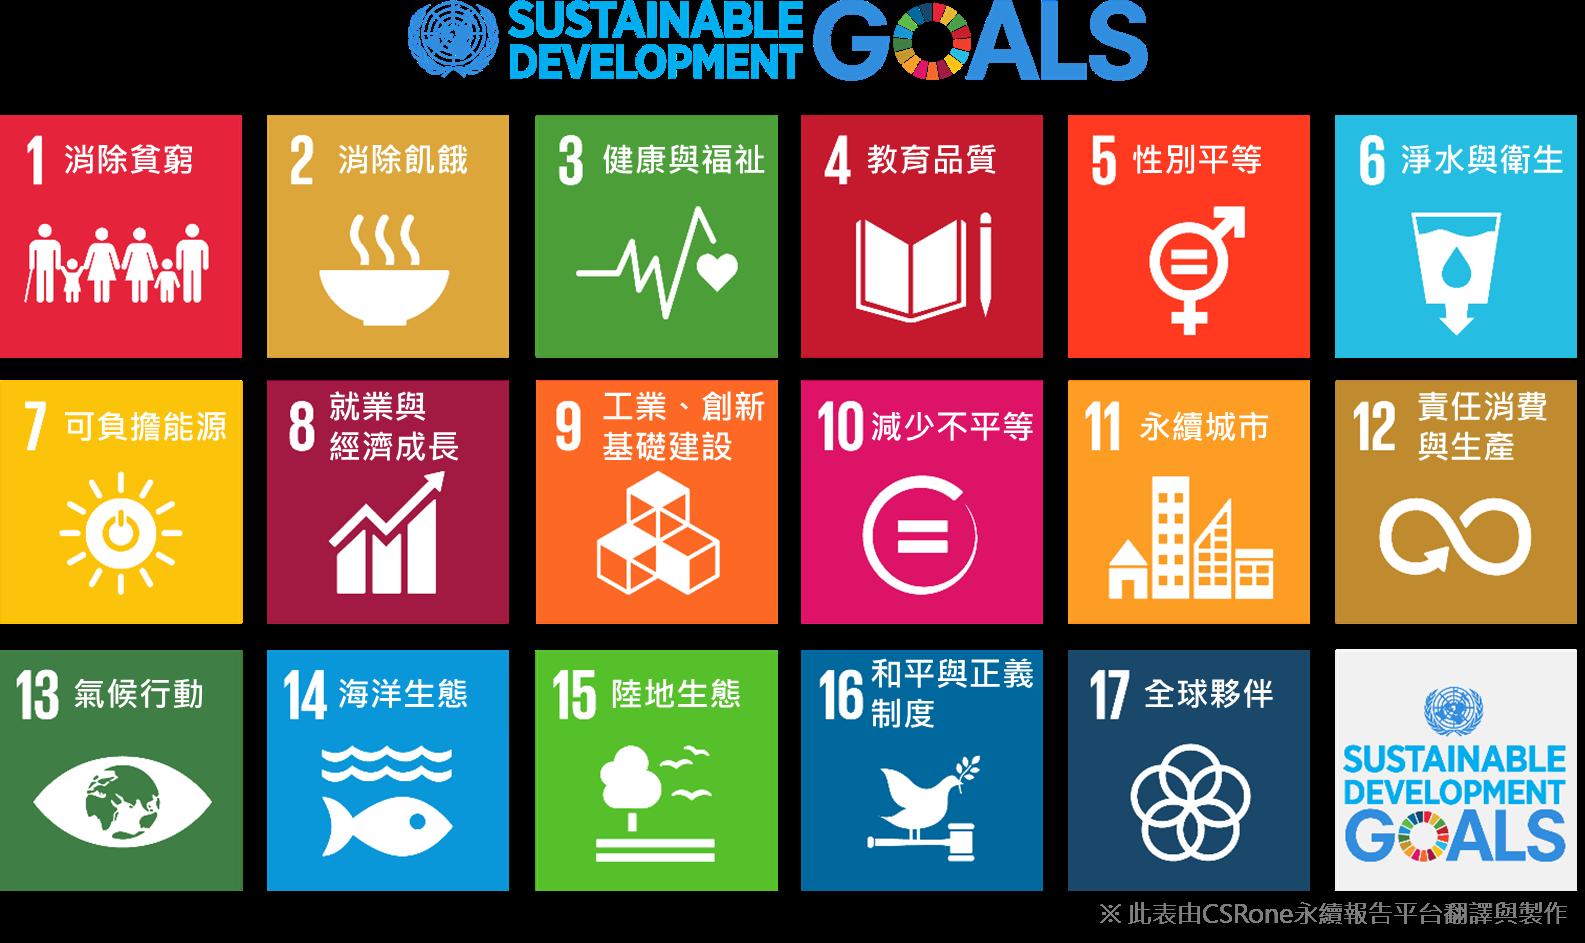 17項永續發展目標(SDGs)-中文版圖表-CSRone